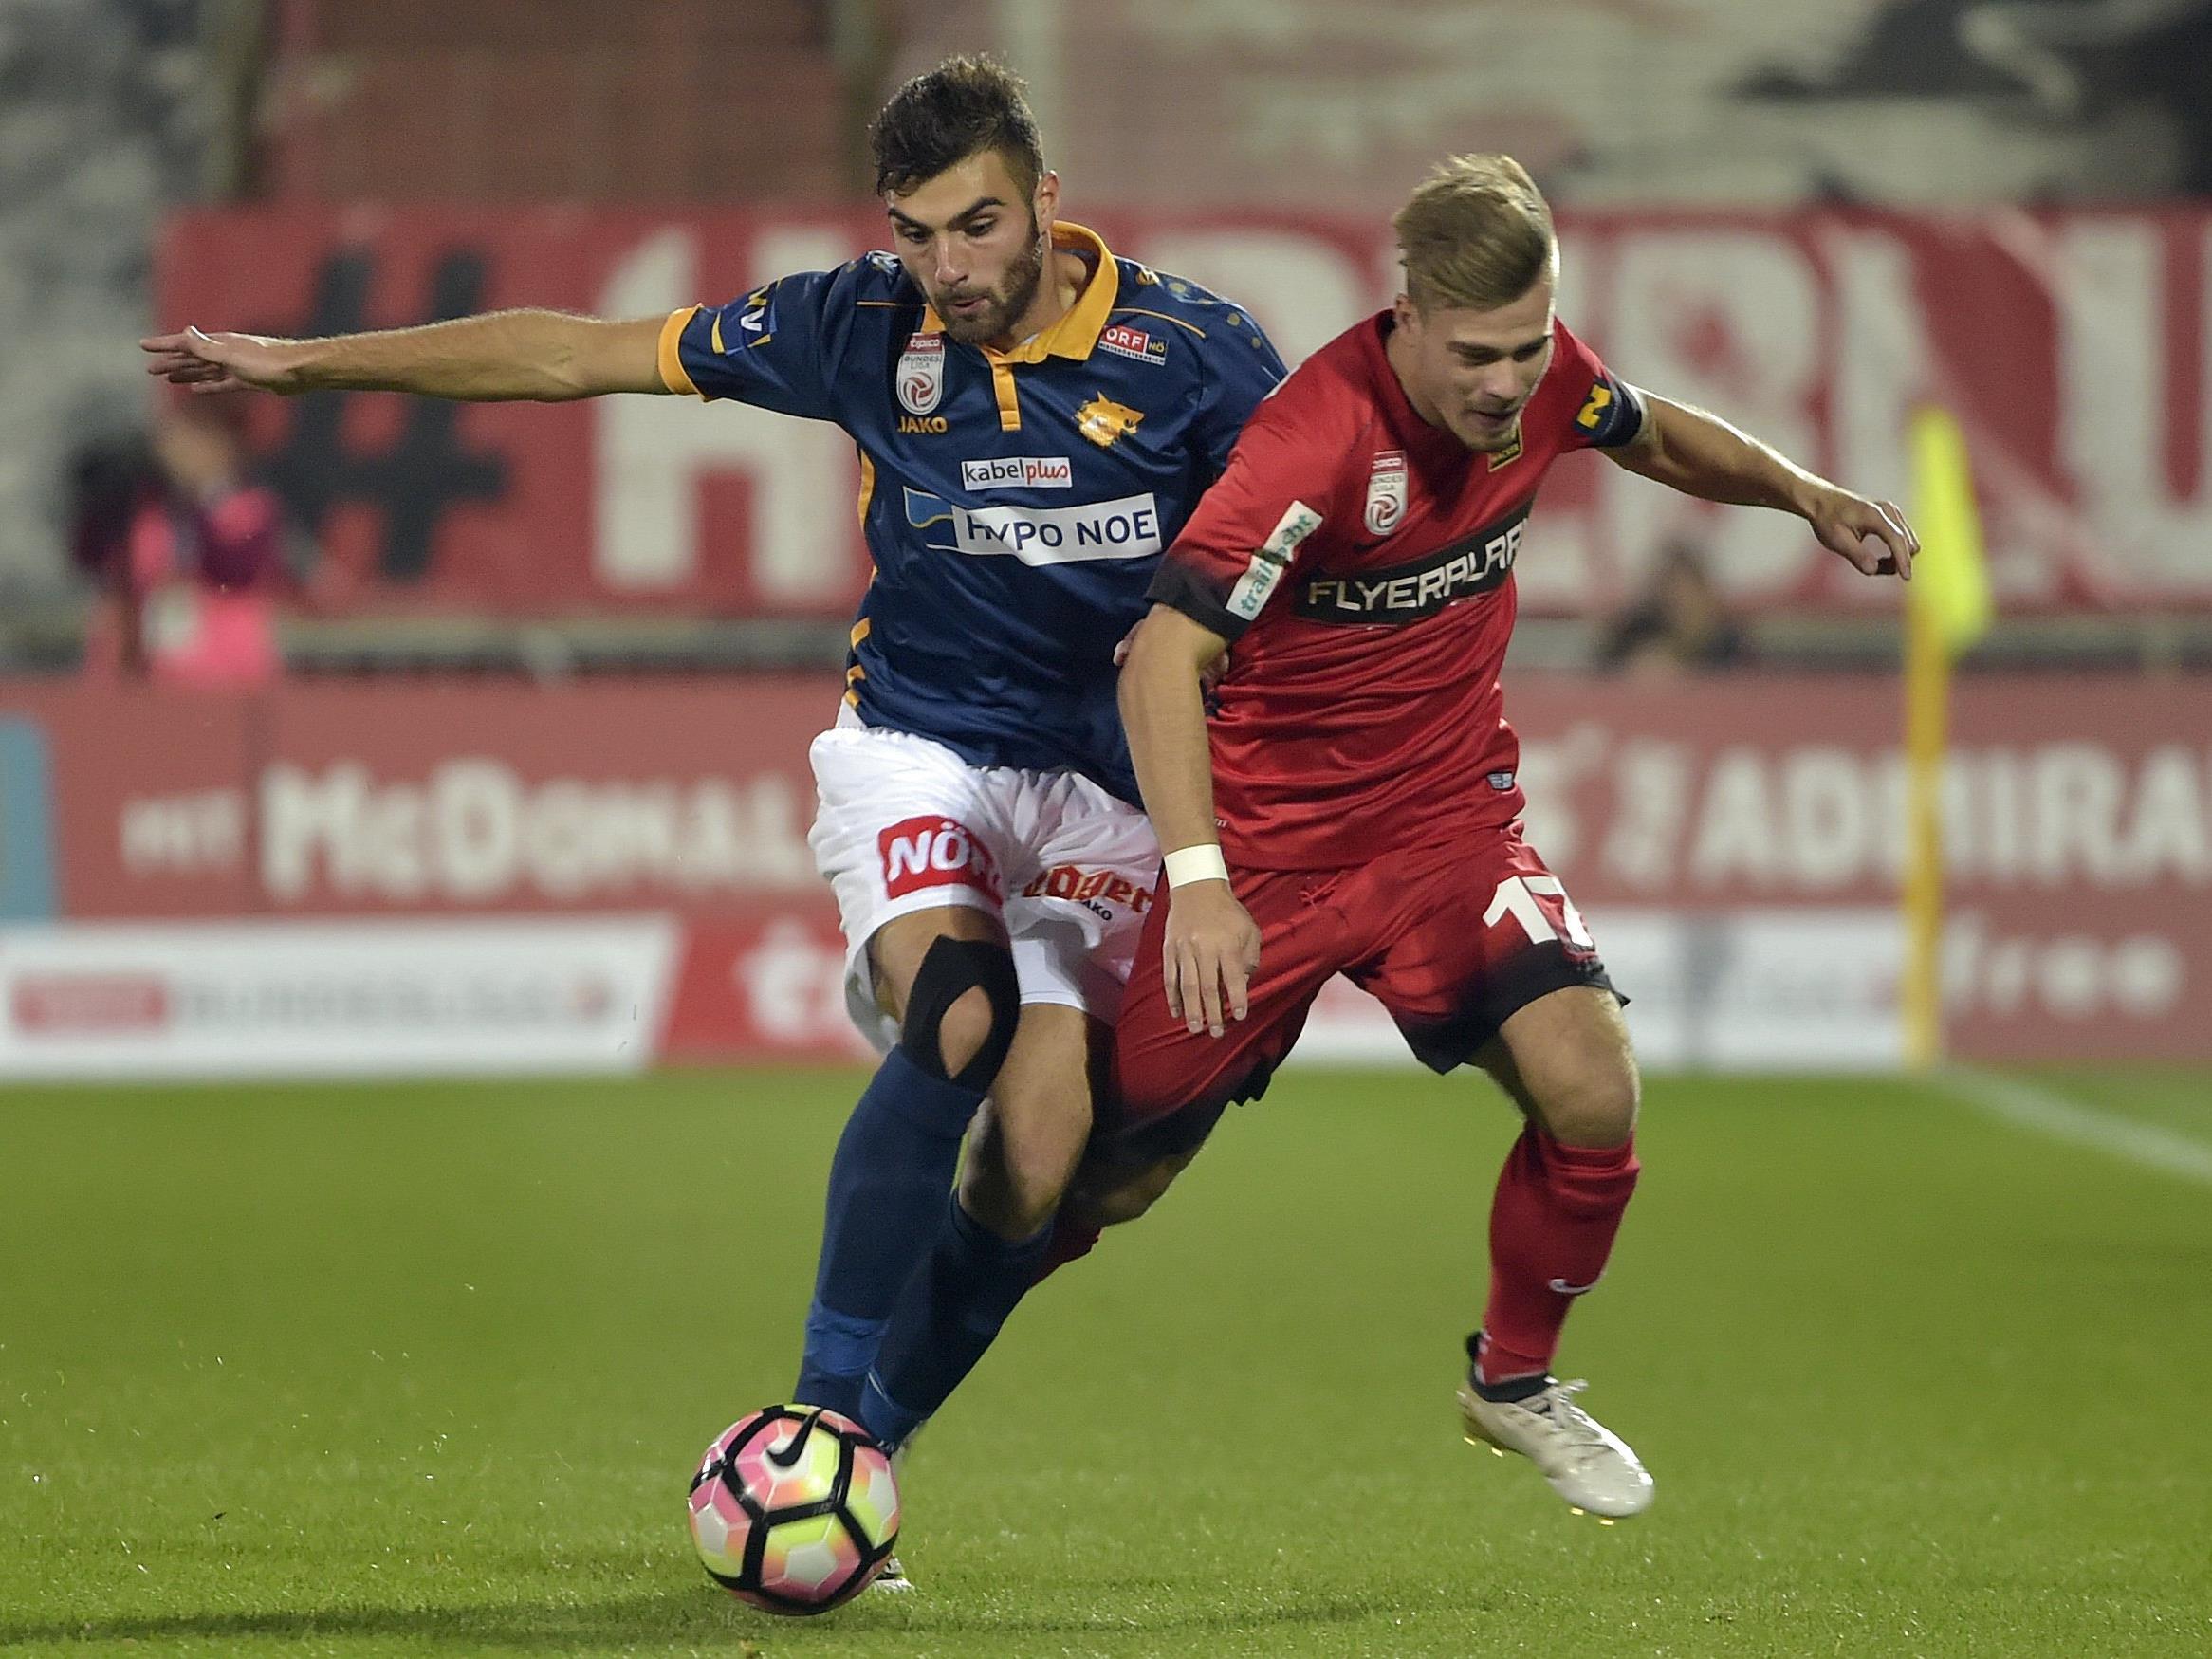 LIVE-Ticker zum Spiel SKN St. Pölten gegen FC Admira Wacker Mödling ab 18.30 Uhr.